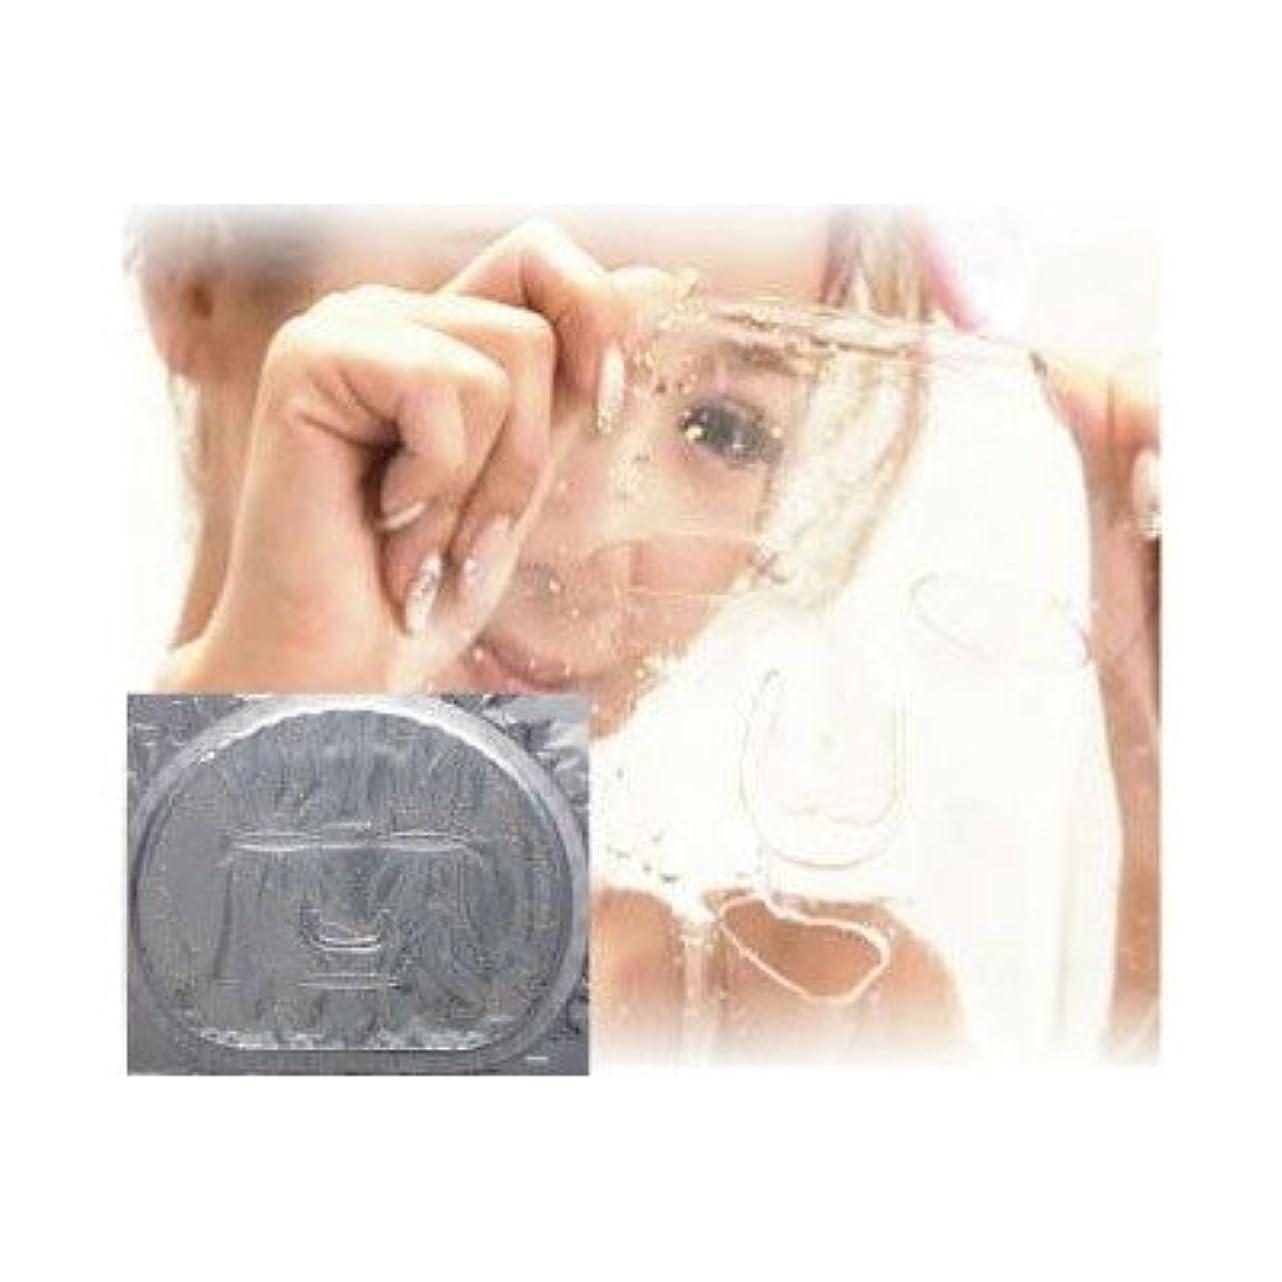 鉱石フロント覆す桃華絵里プロデュース イオ ファイシャルマスク